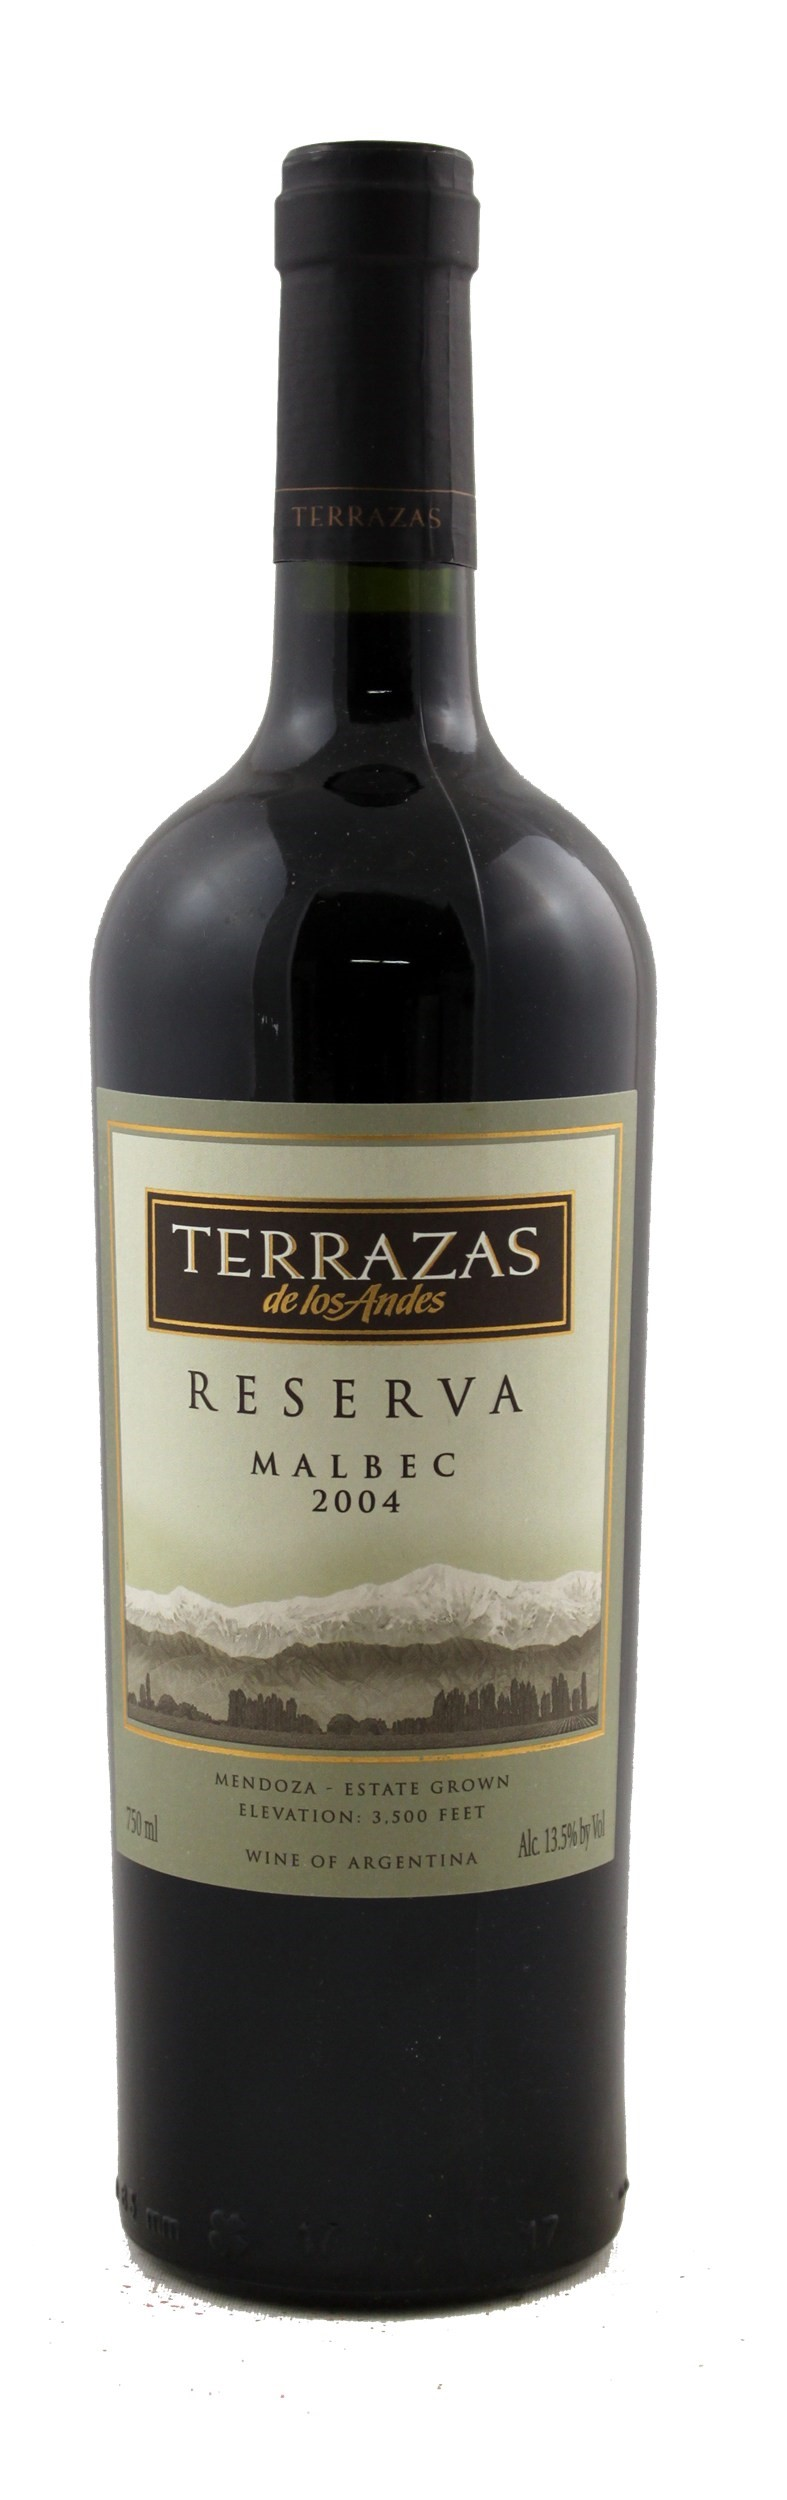 Terrazas De Los Andes Malbec Reserva 2004 Red Wine From